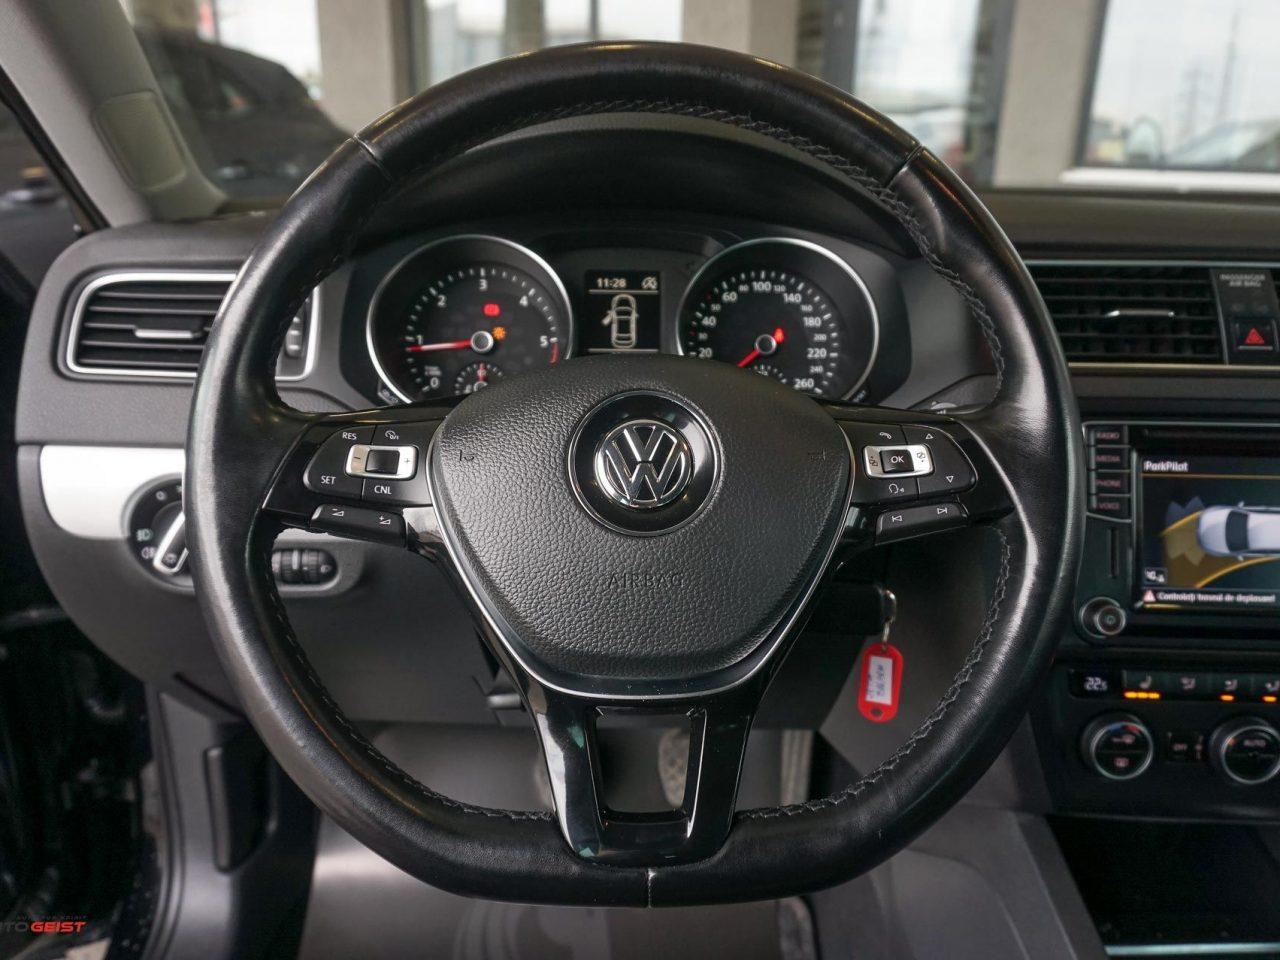 volkswagen-jetta-negru-1345-03328